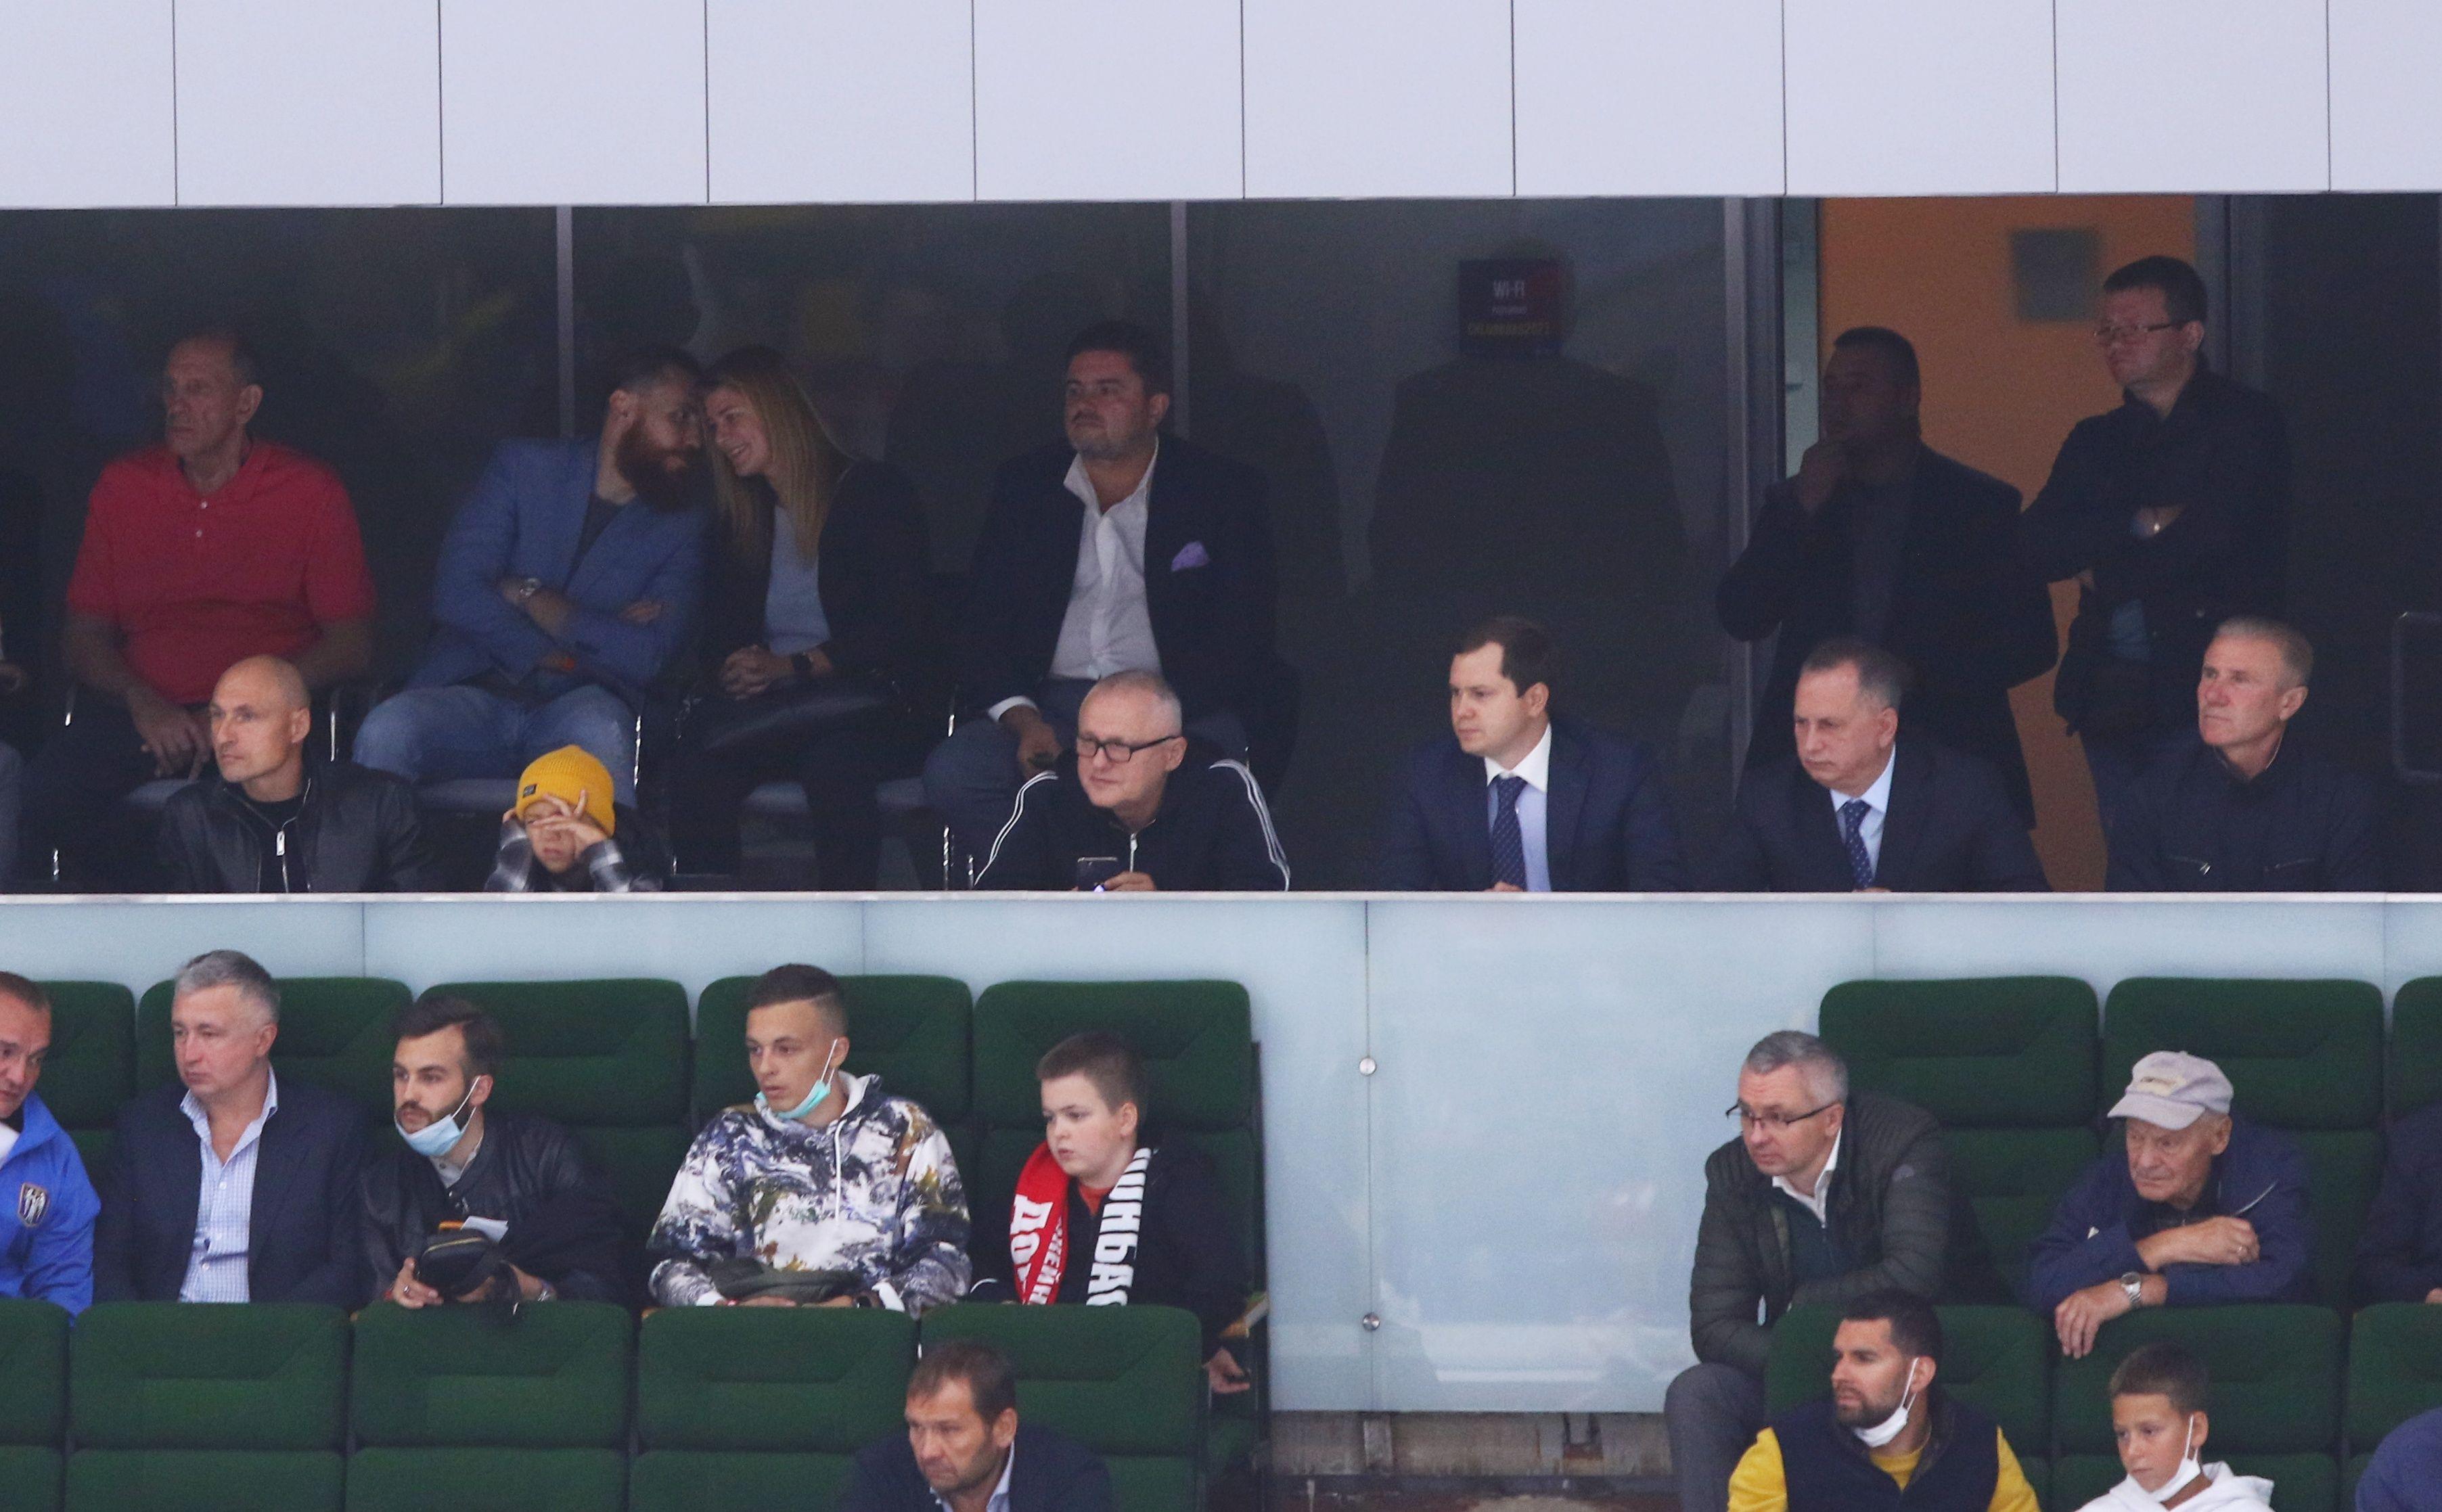 Донбасс стартовал в ЛЧ. Шевченко провел вбрасывание, Суркис и Павелко болели на трибунах - ФОТО - изображение 2